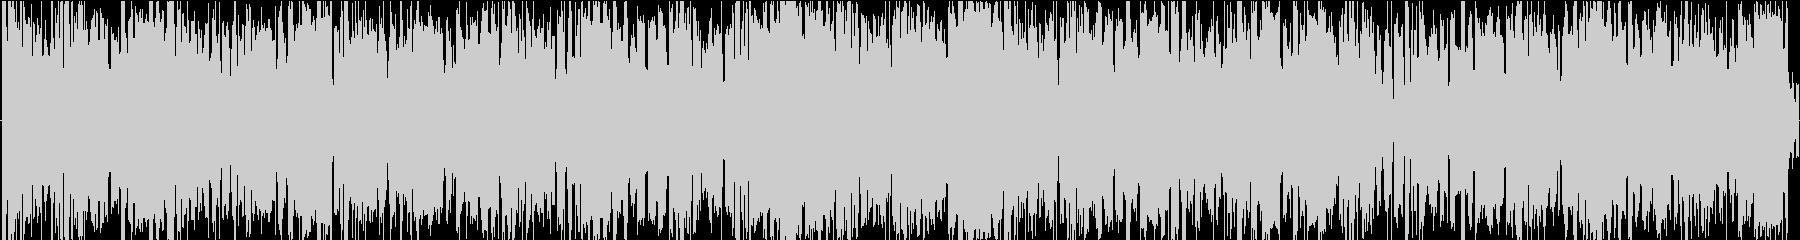 シーケンス 汚れた器官03の未再生の波形